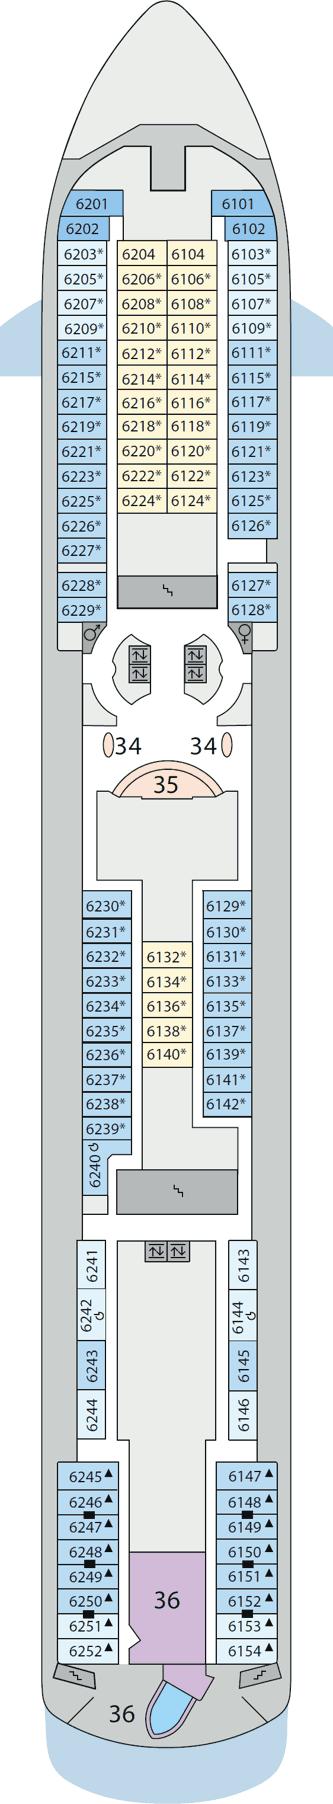 AIDAaura - Deck 6